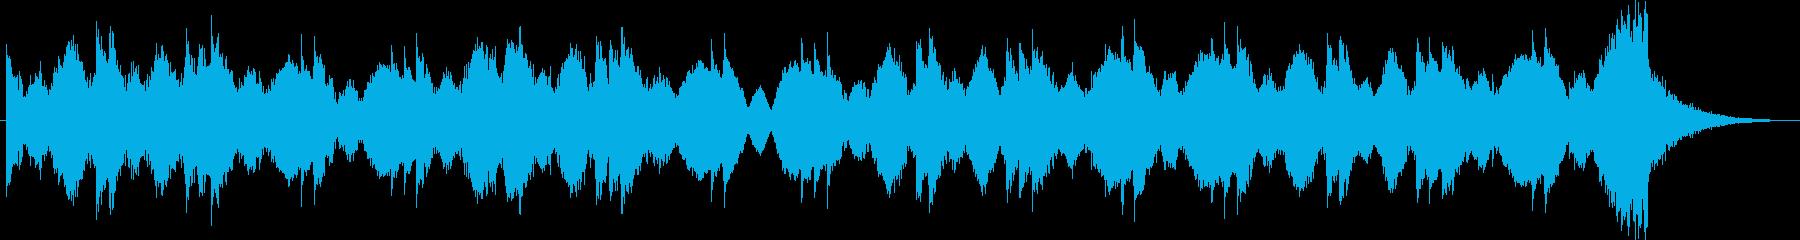 シネマティック01・壮大・ハリウッドS1の再生済みの波形